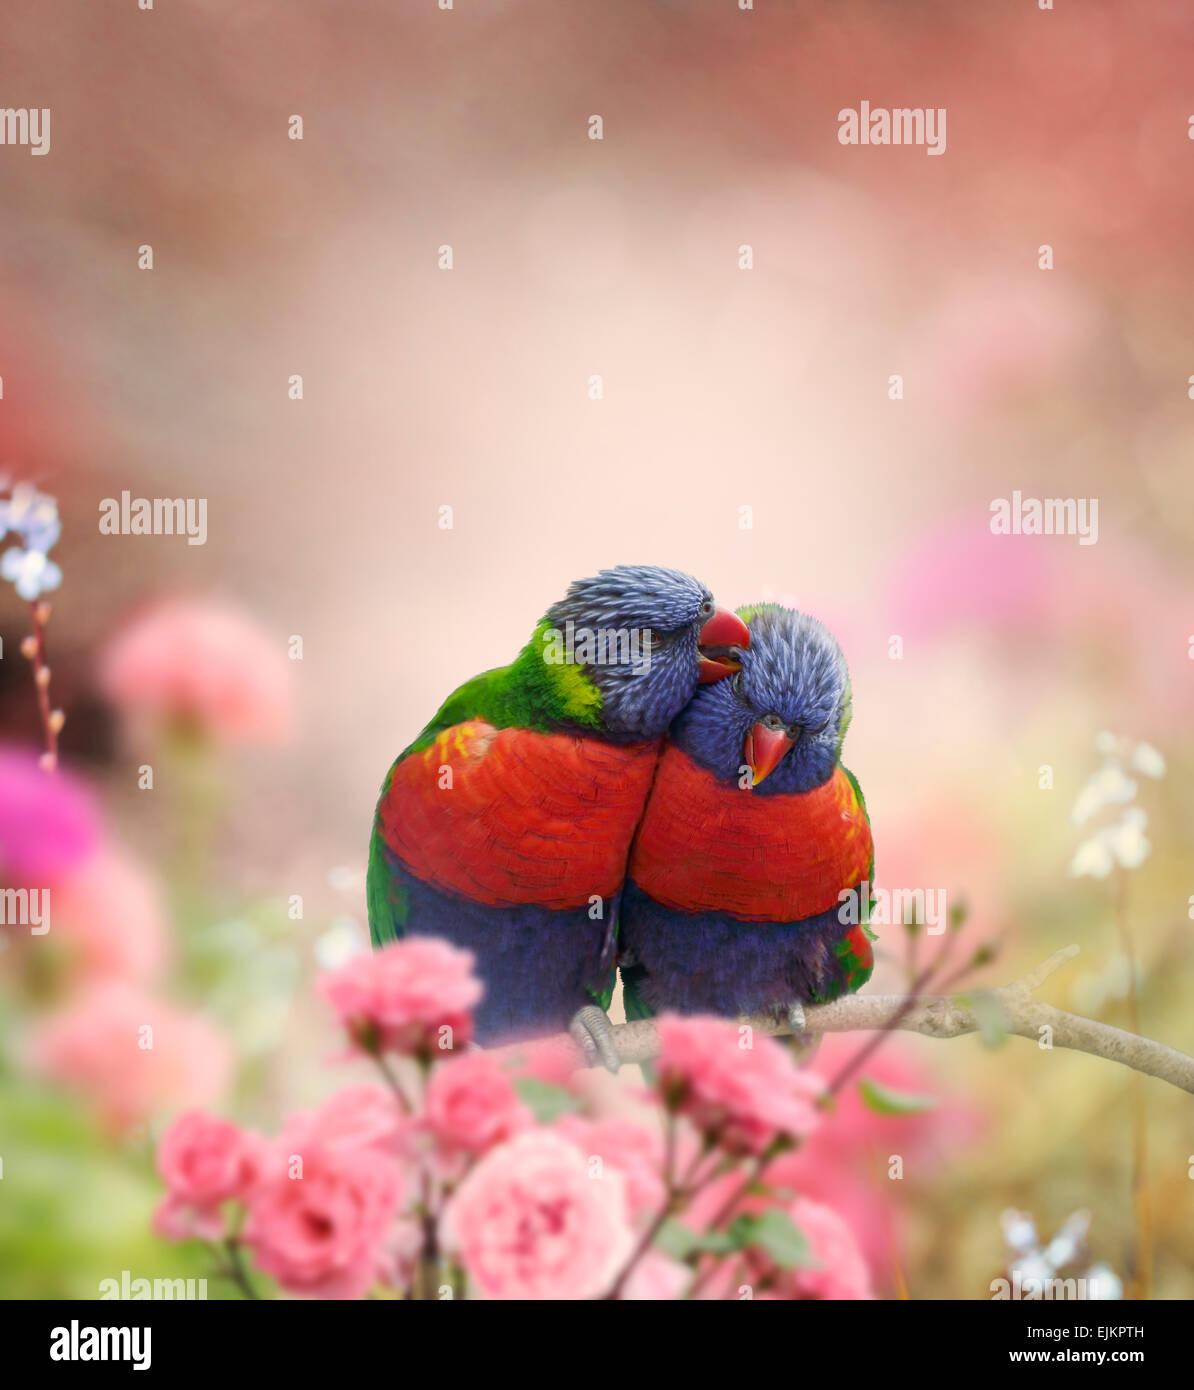 Rainbow Lorikeets encaramado en el jardín Imagen De Stock